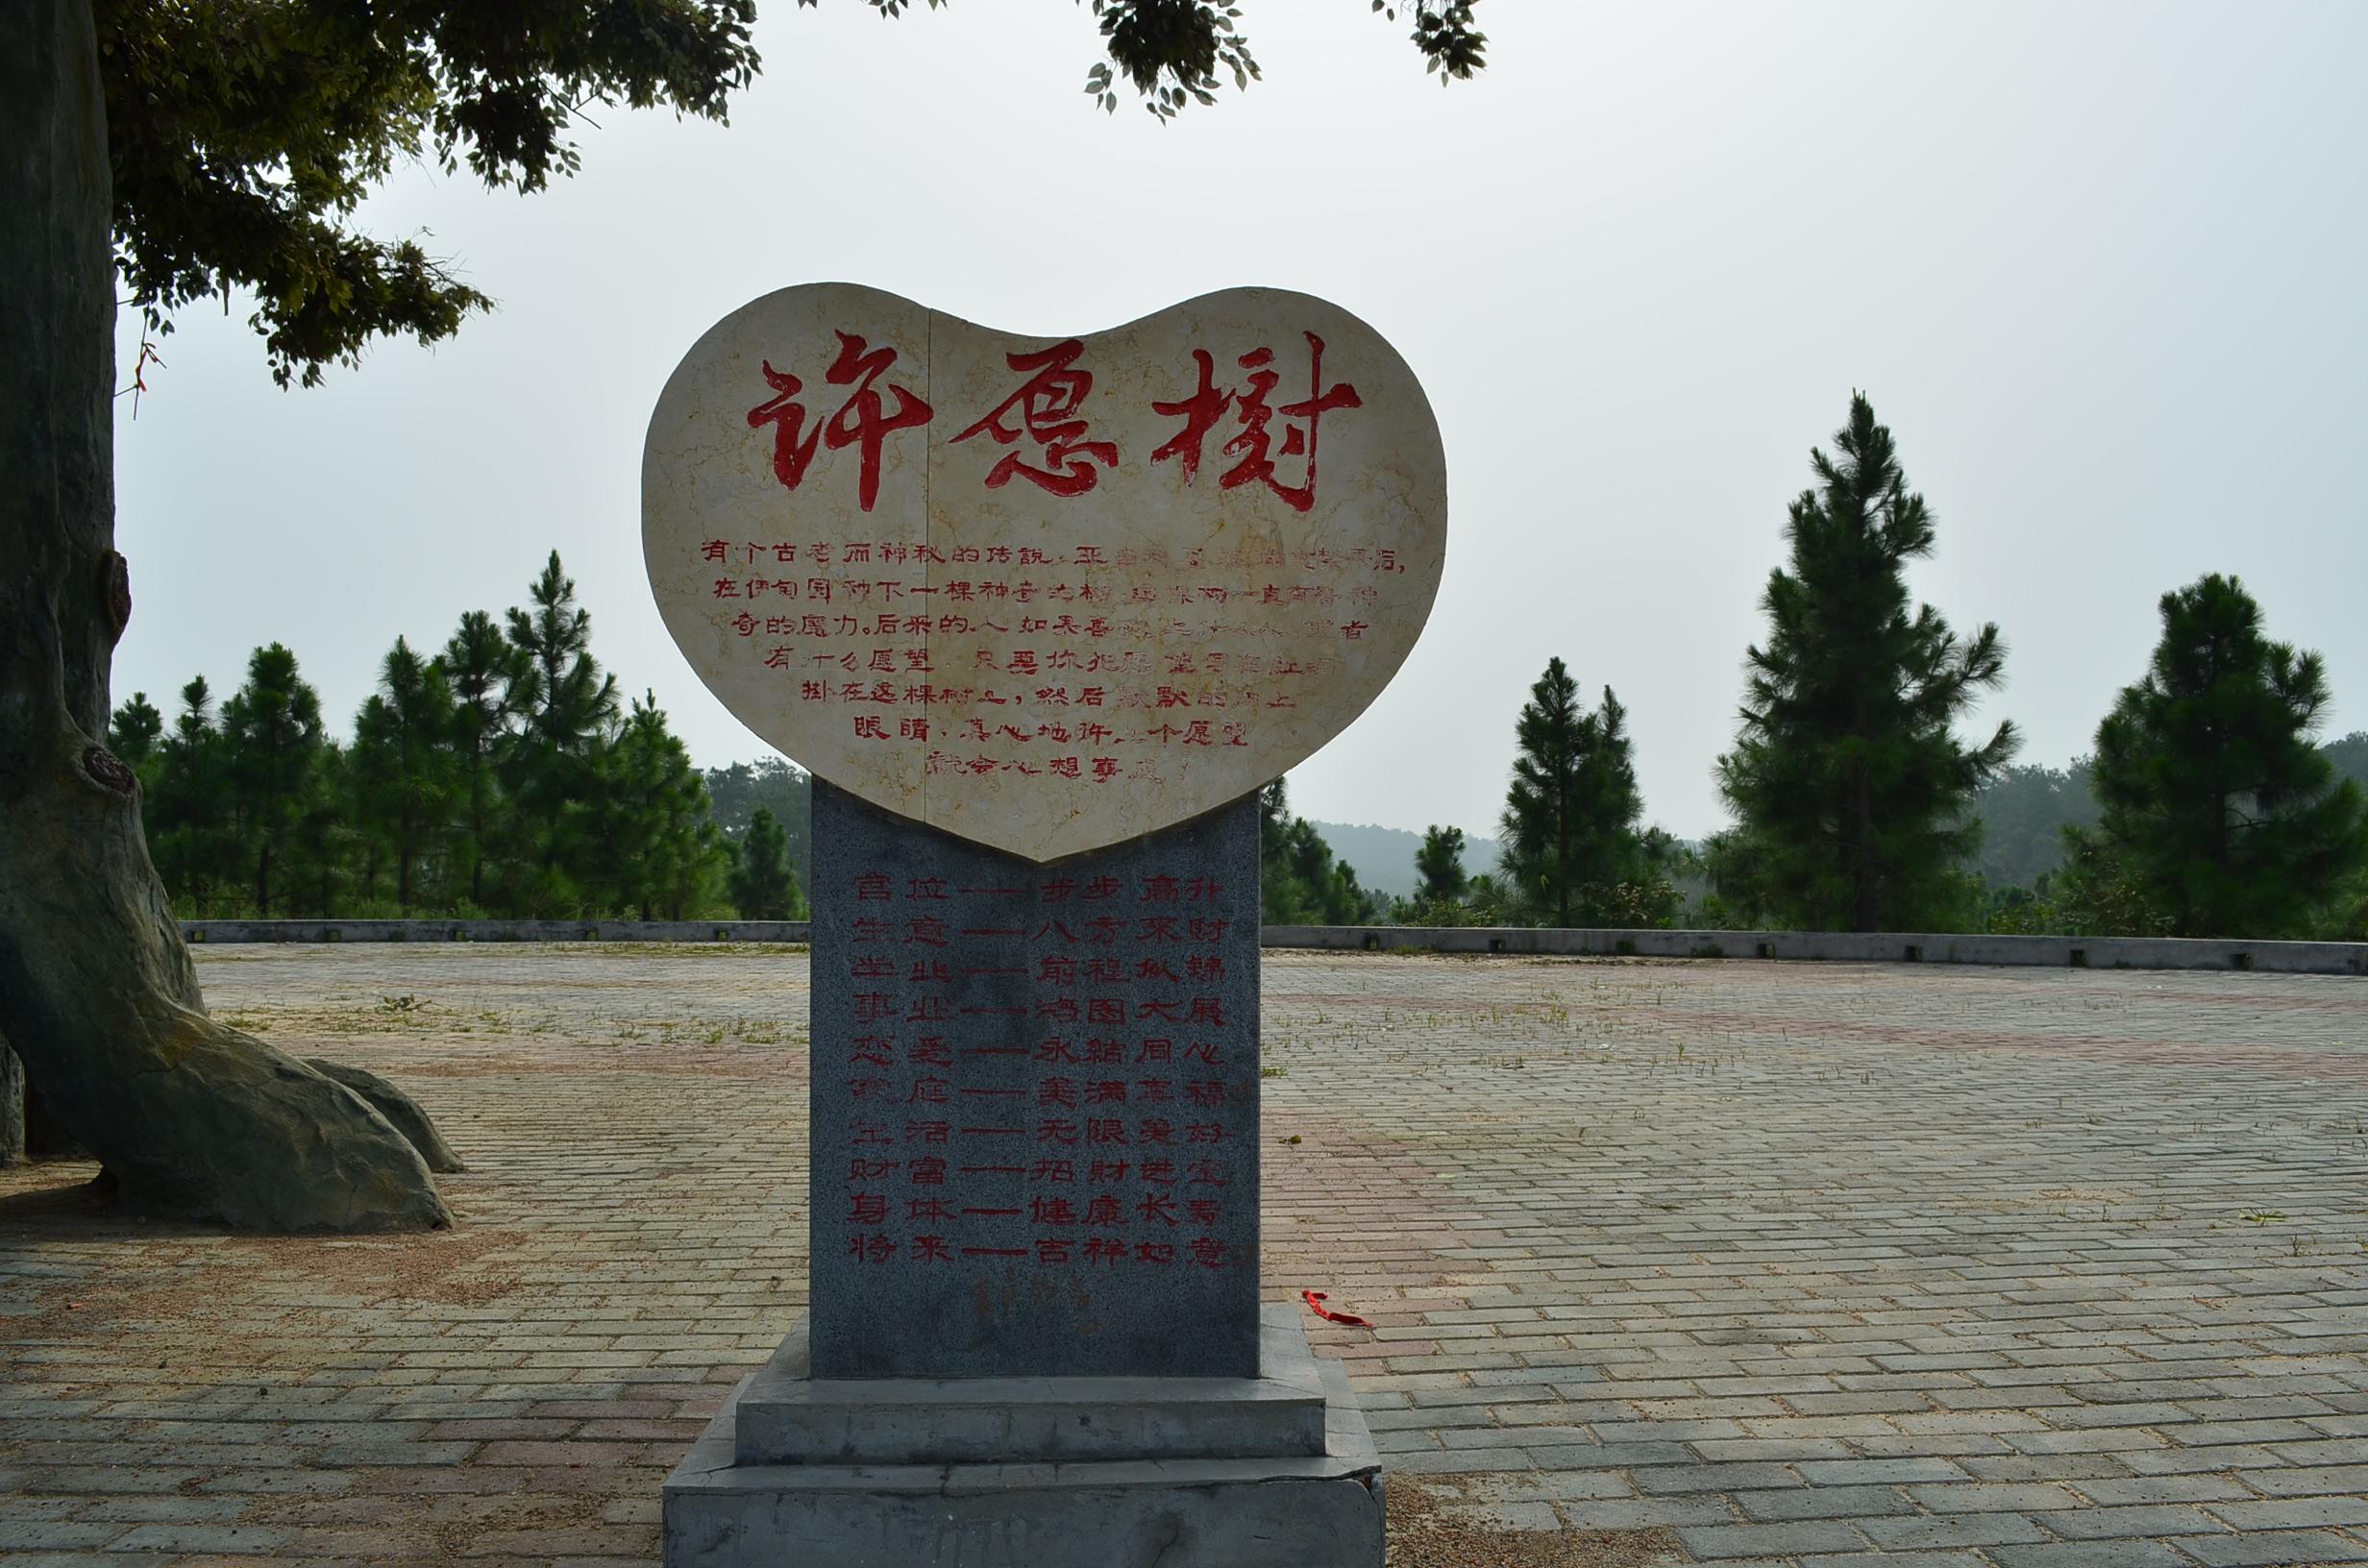 白鹭岛森林公园_风光摄影_滁州论坛